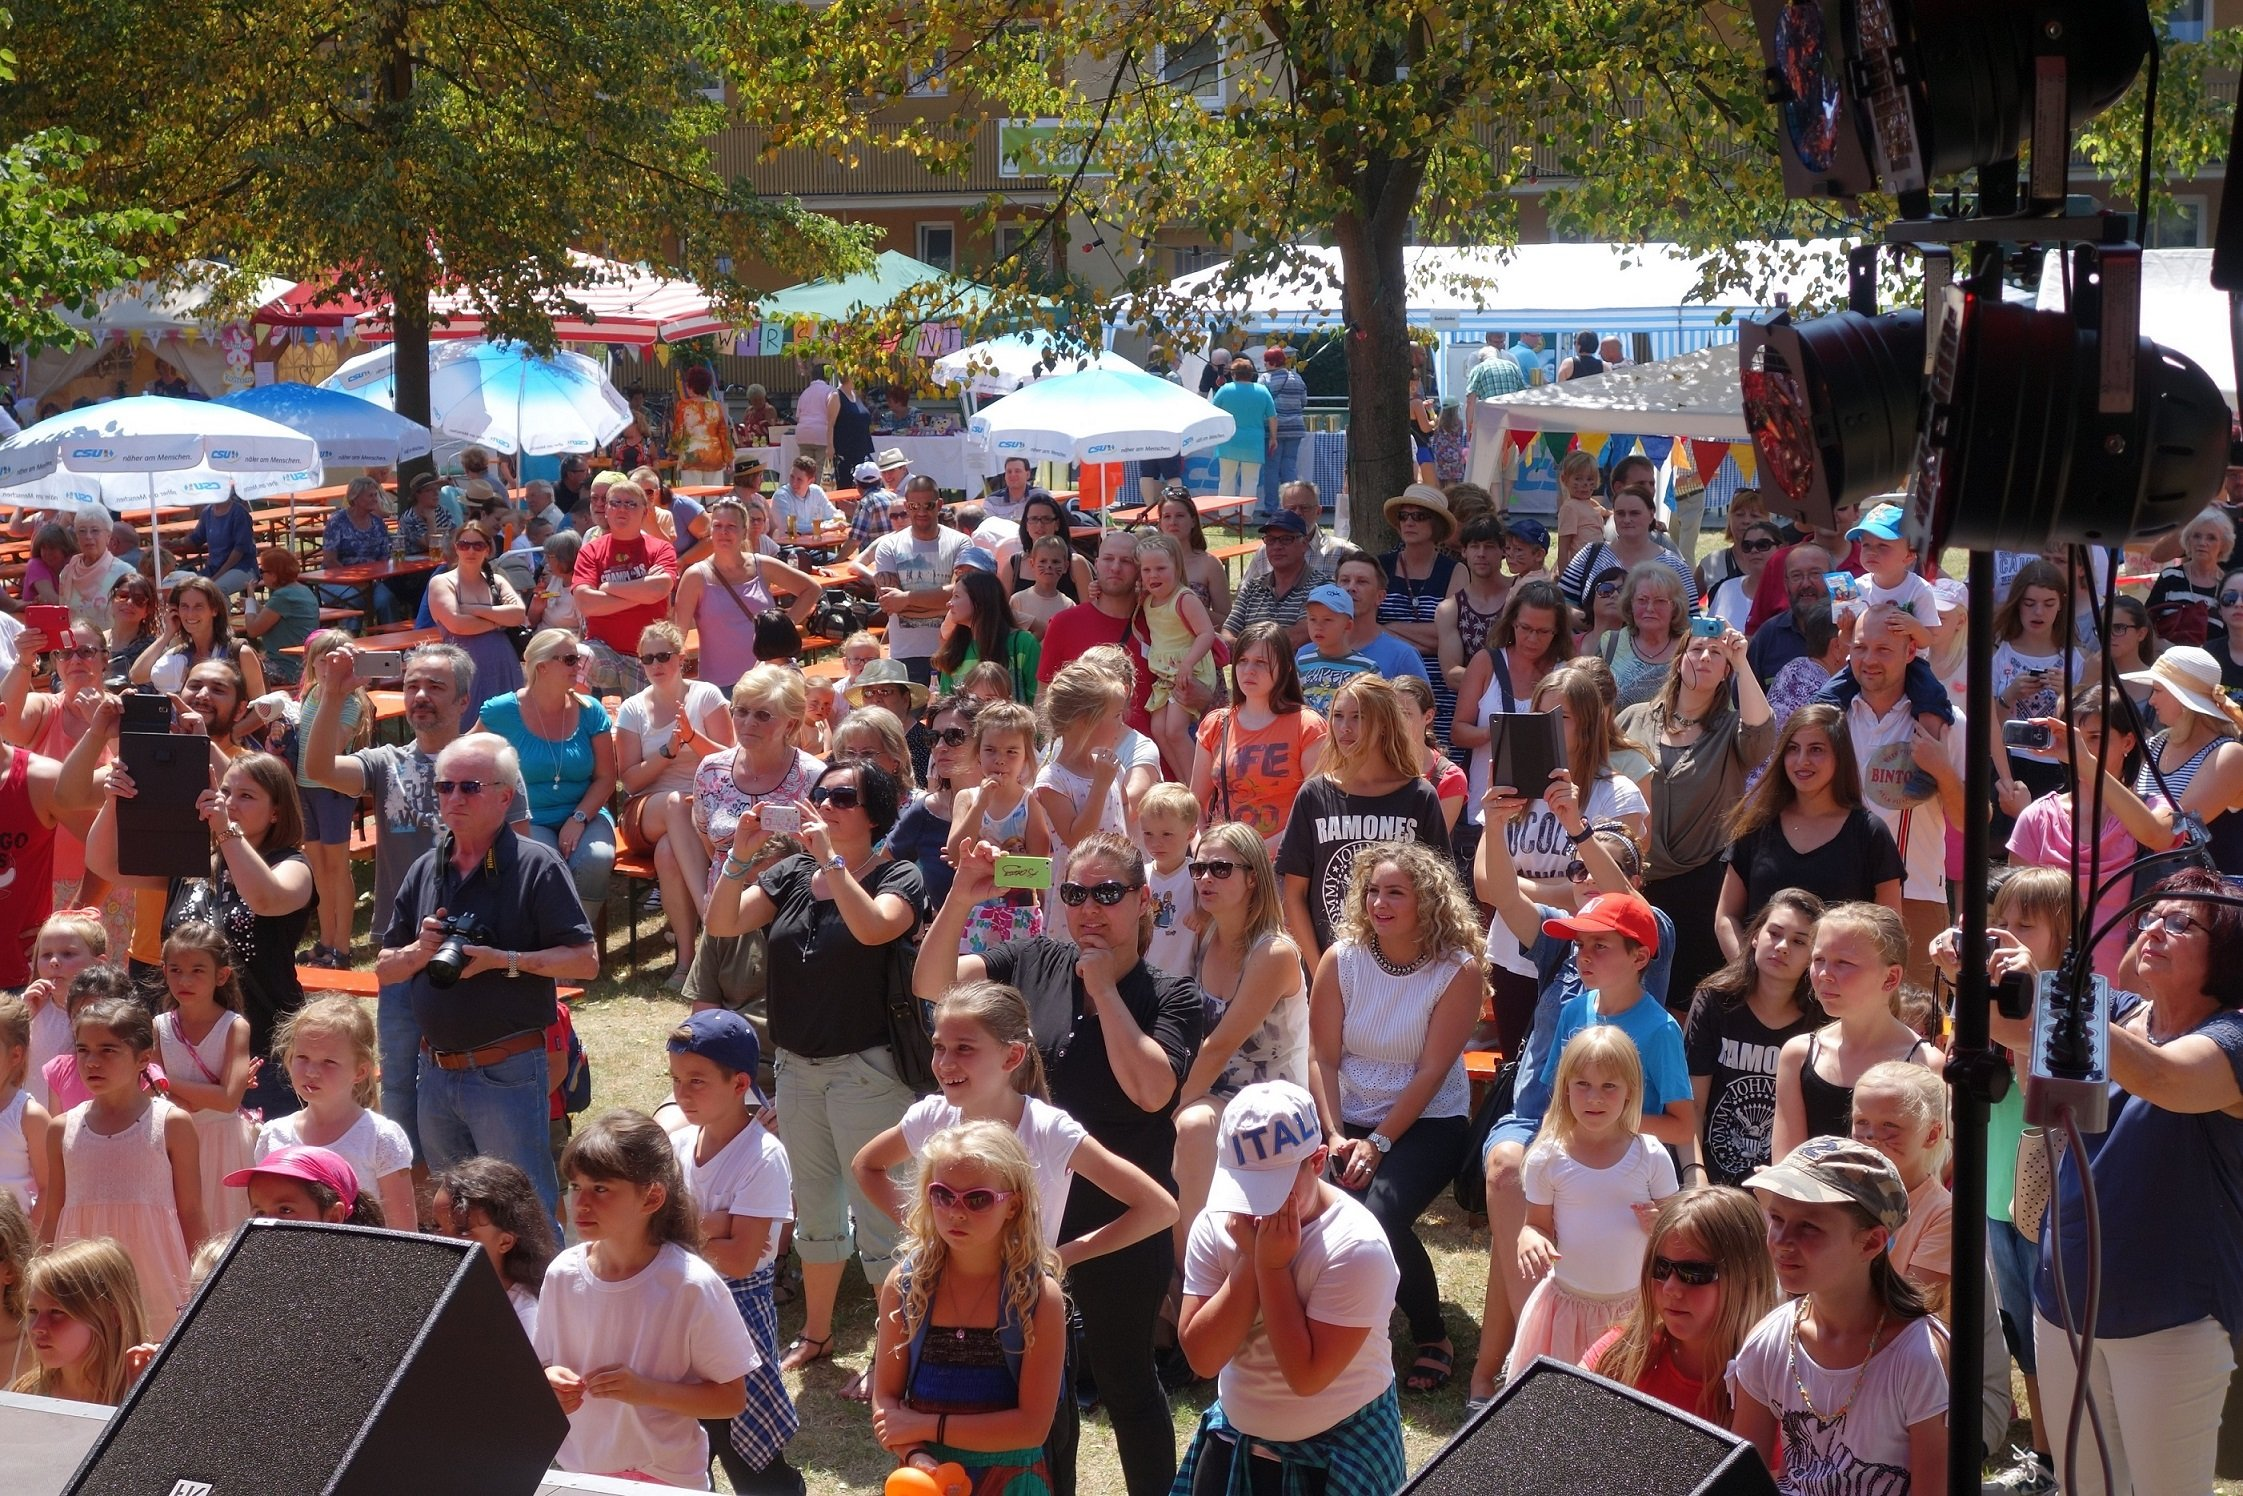 36. Stadtteilfest in der Gartenstadt - © Kulturladen Gartenstadt